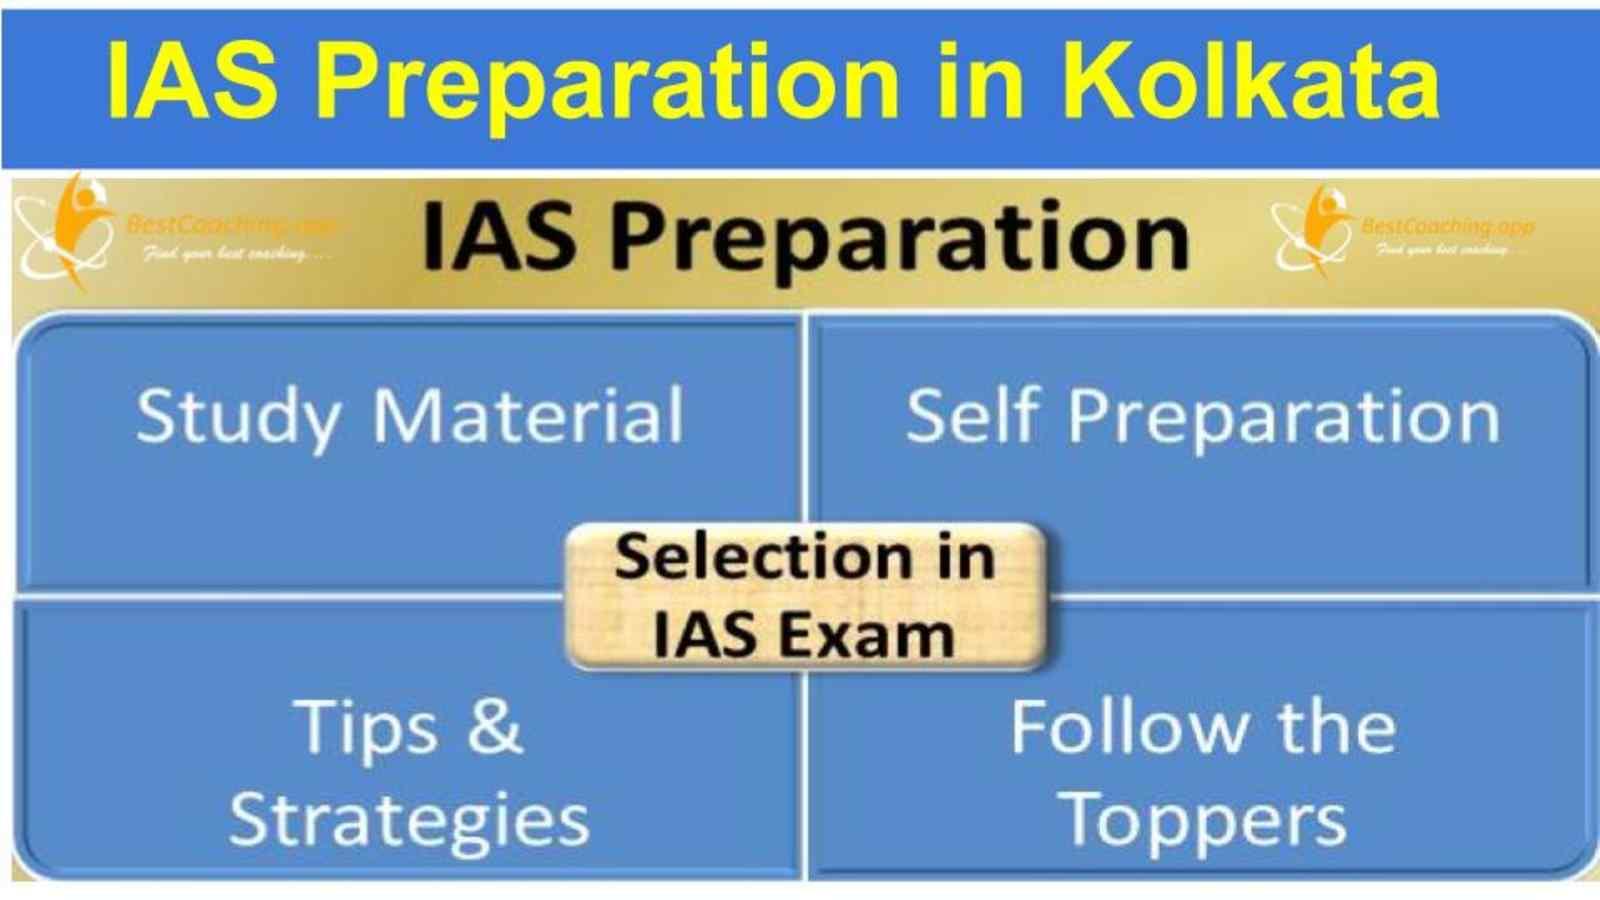 IAS preparation of Kolkata